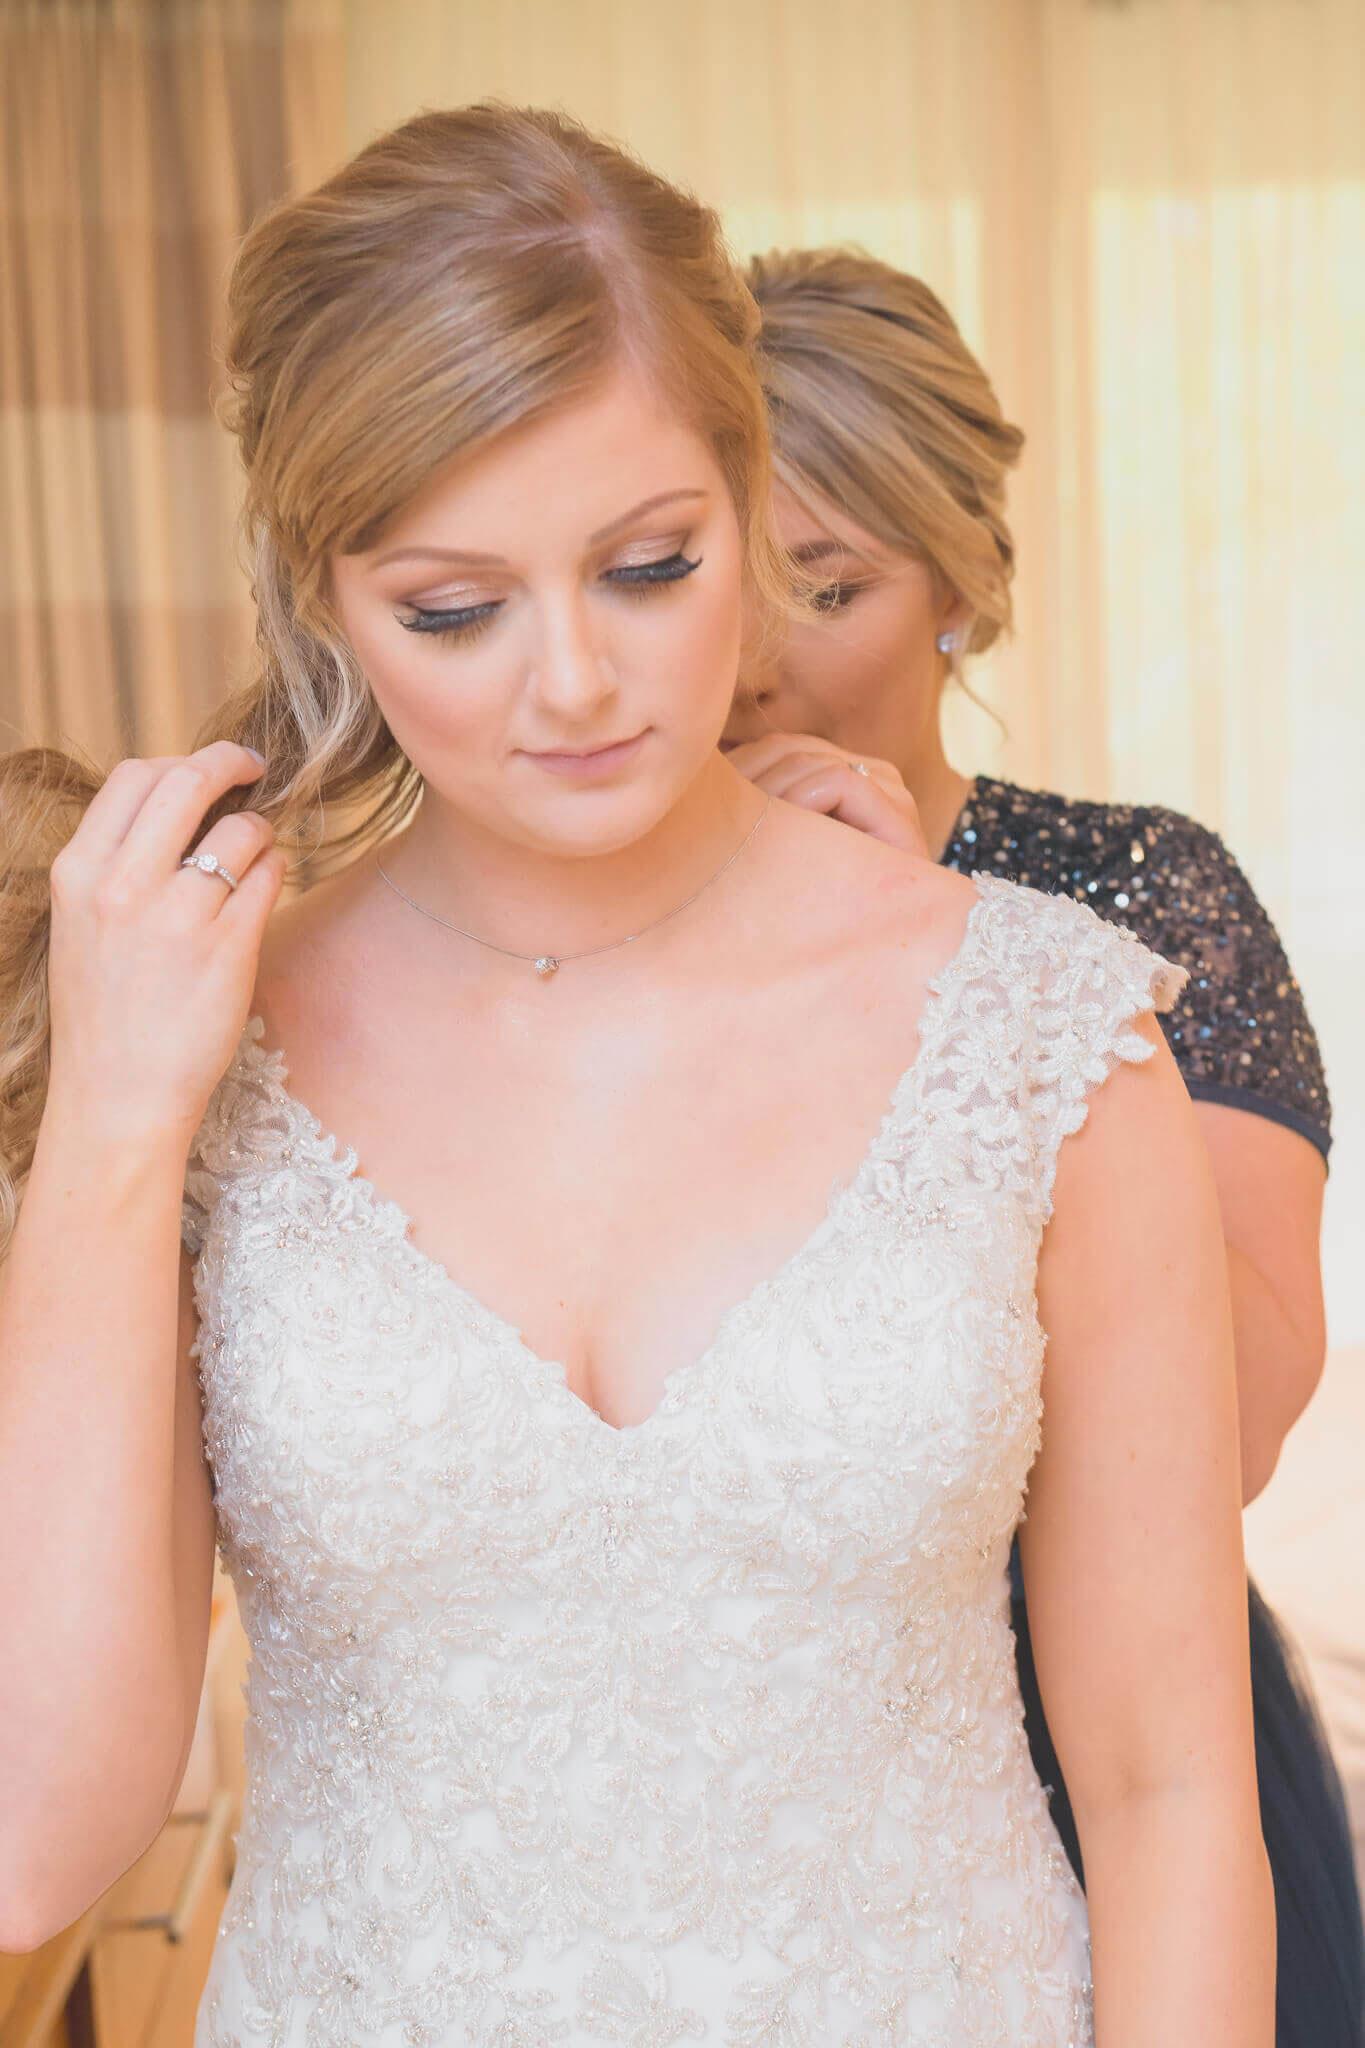 Wedding Photographer Hampshire Carousel Image 1